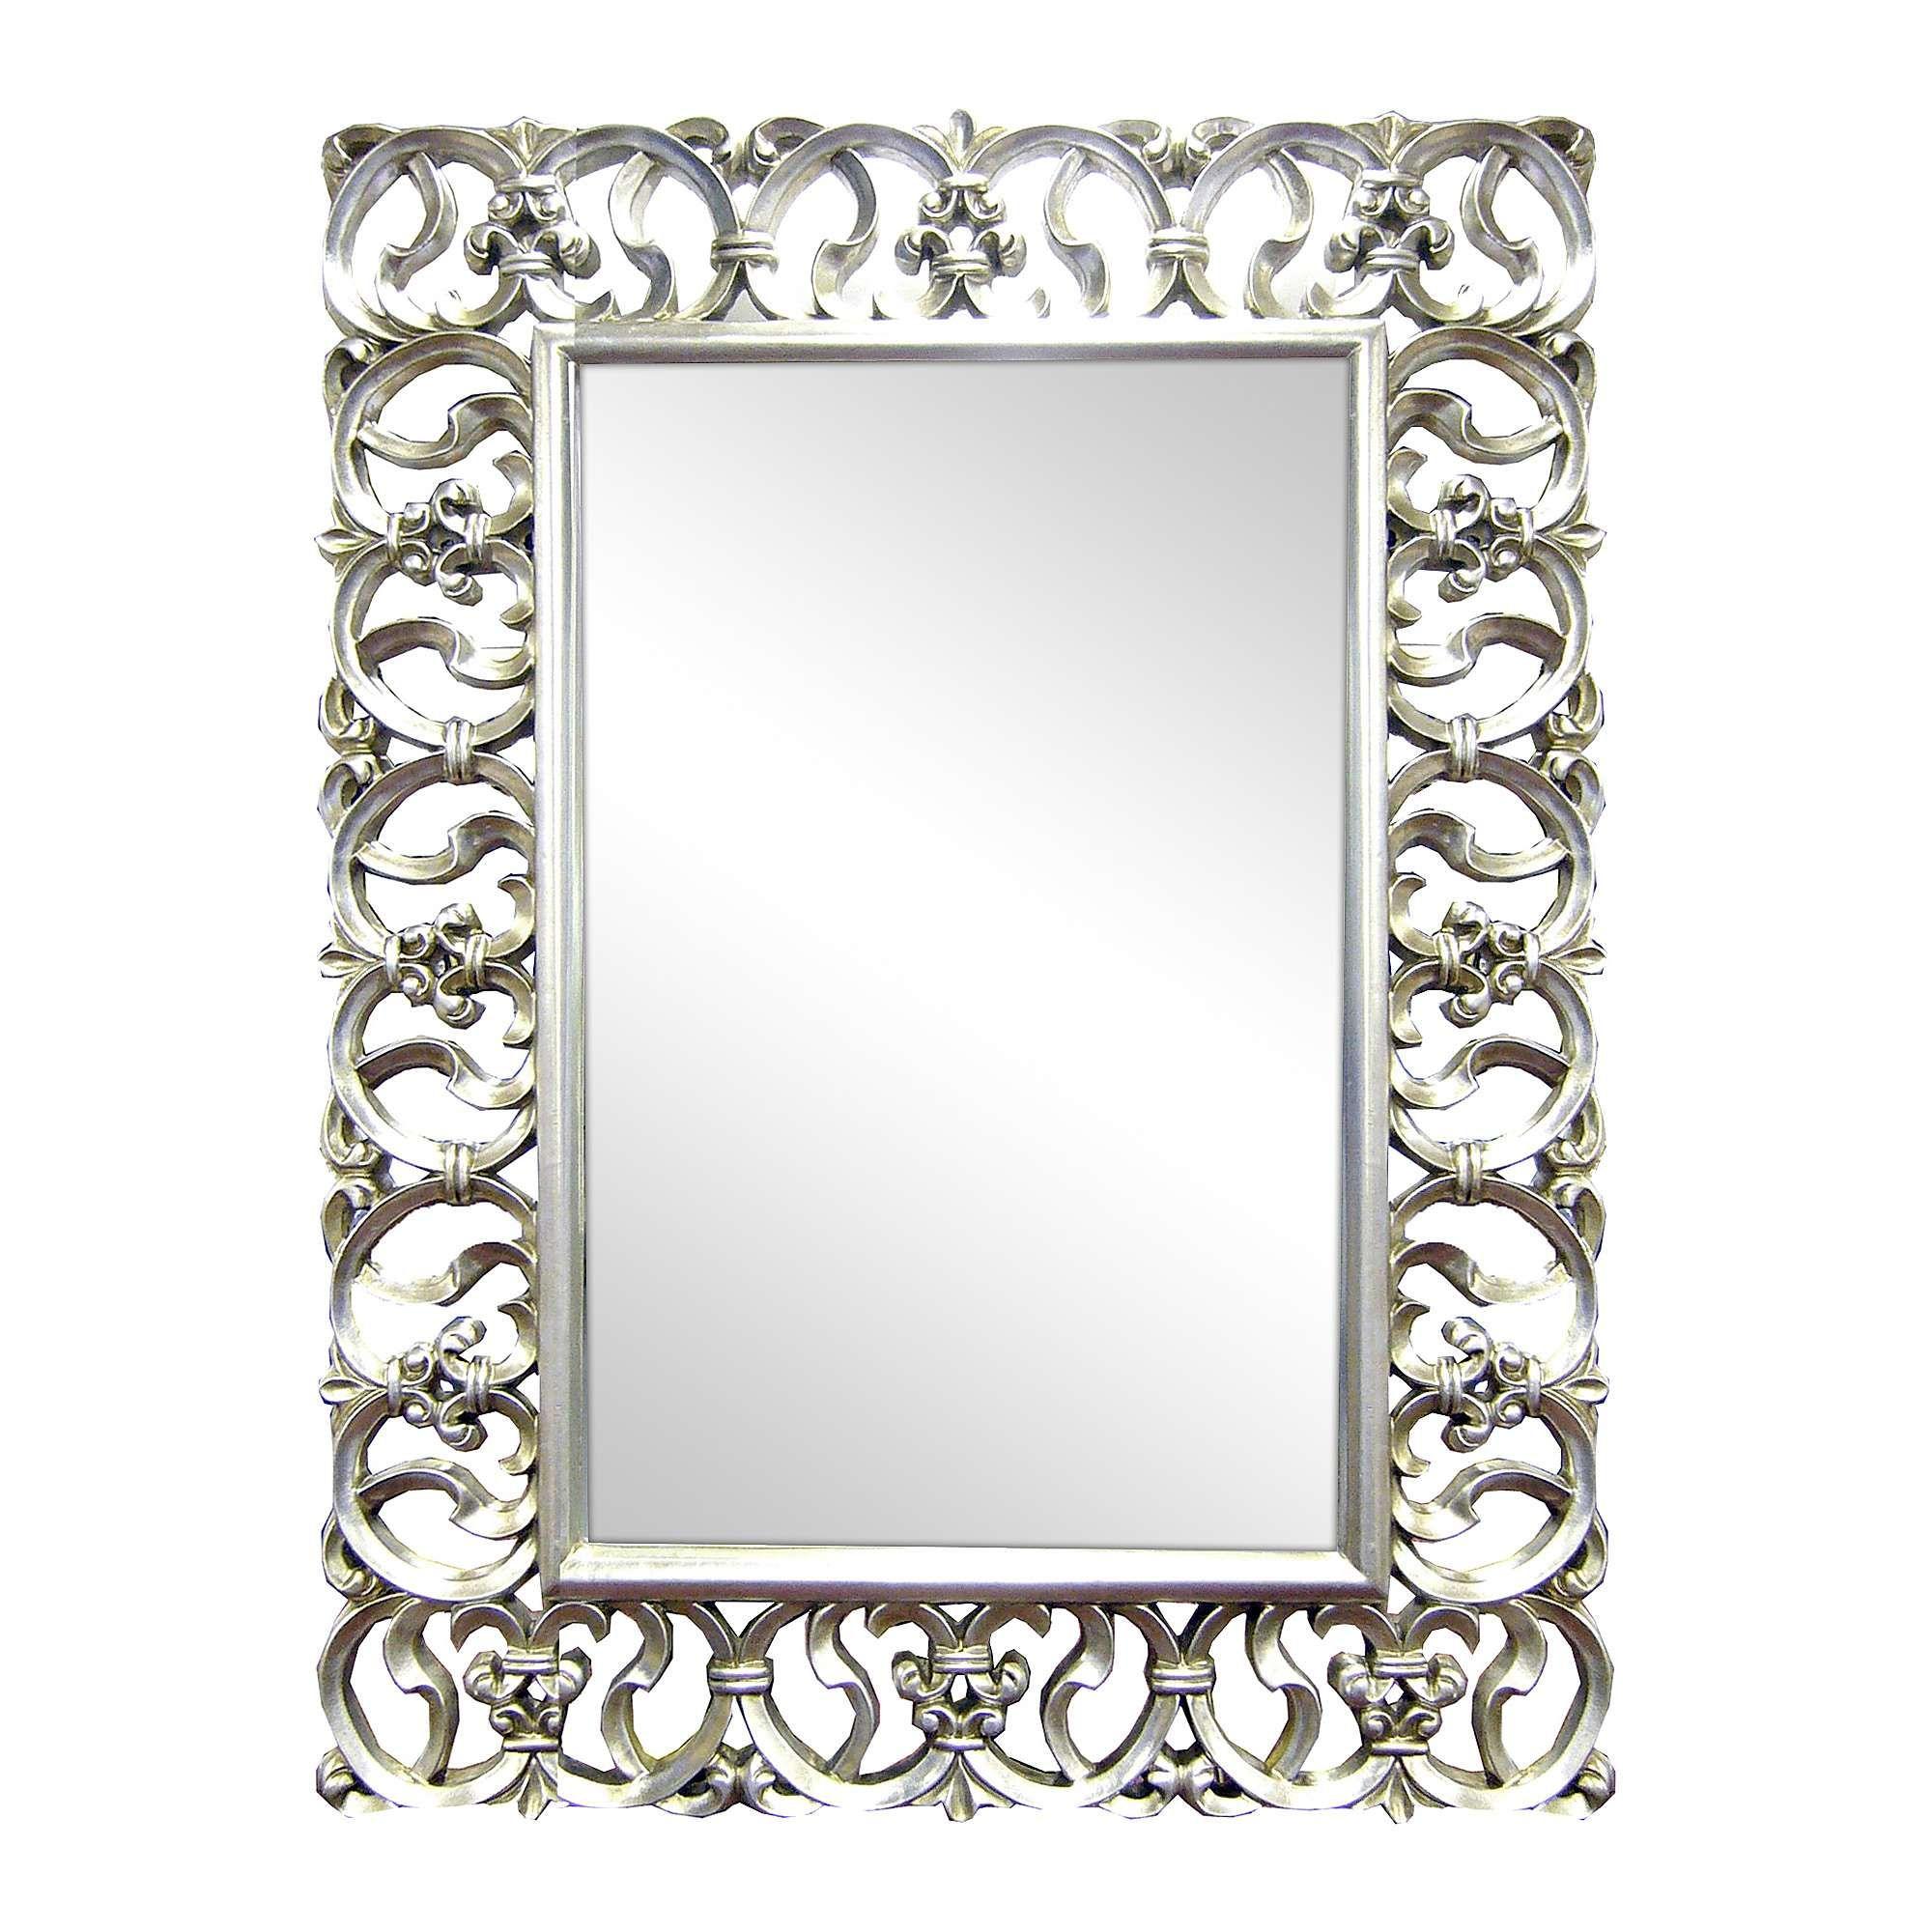 Ornate Highlife Framed Mirror - Dunelm